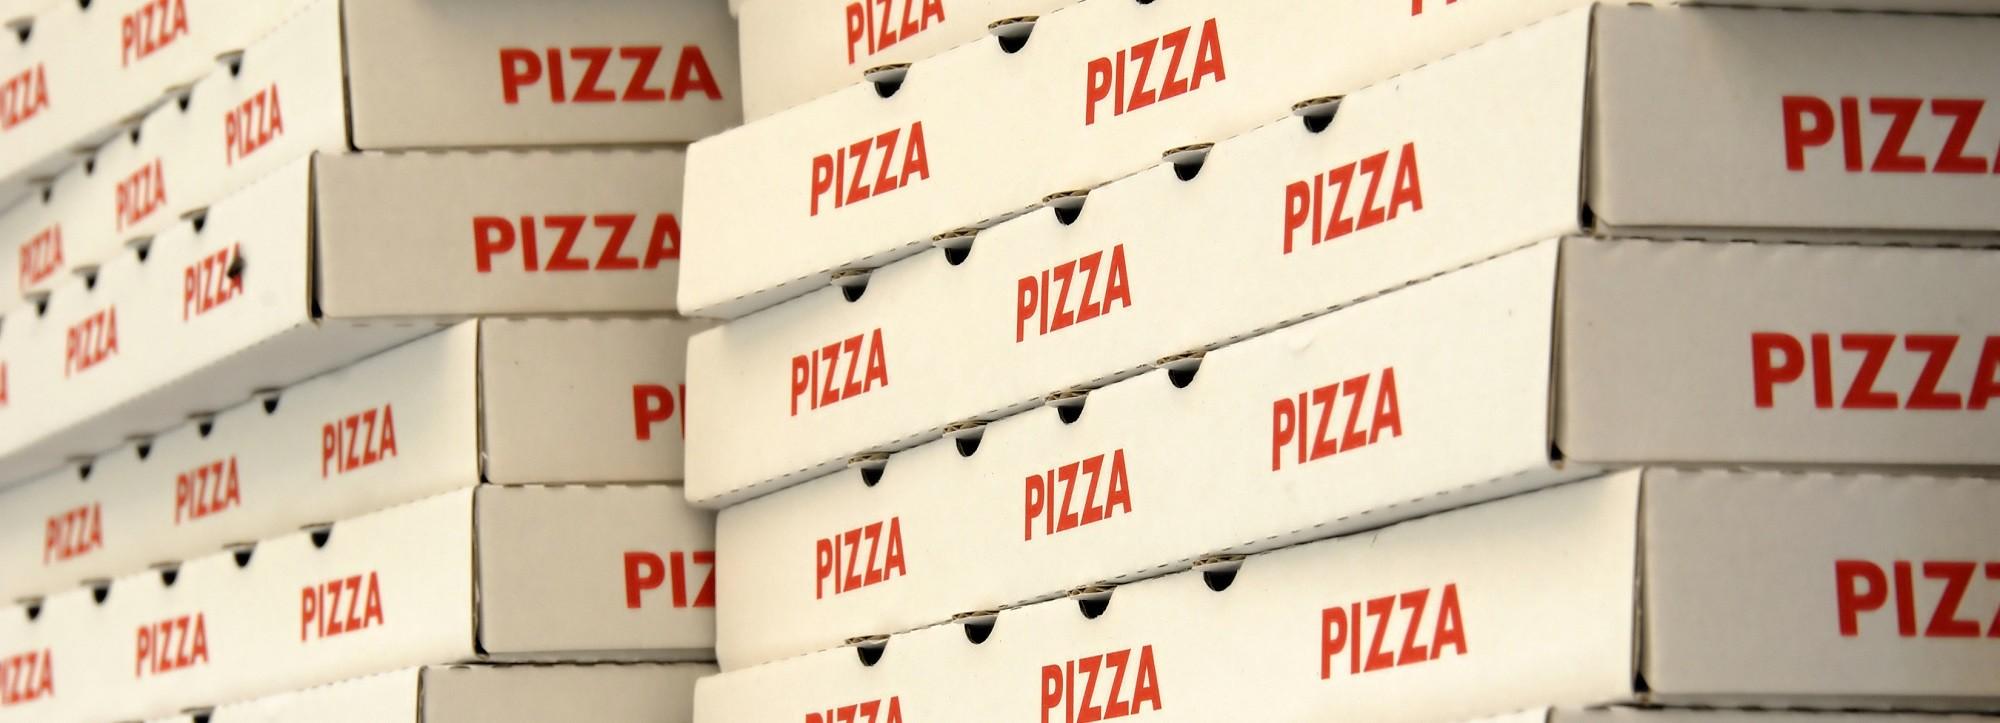 Gratis pizza, de kracht van het internet!